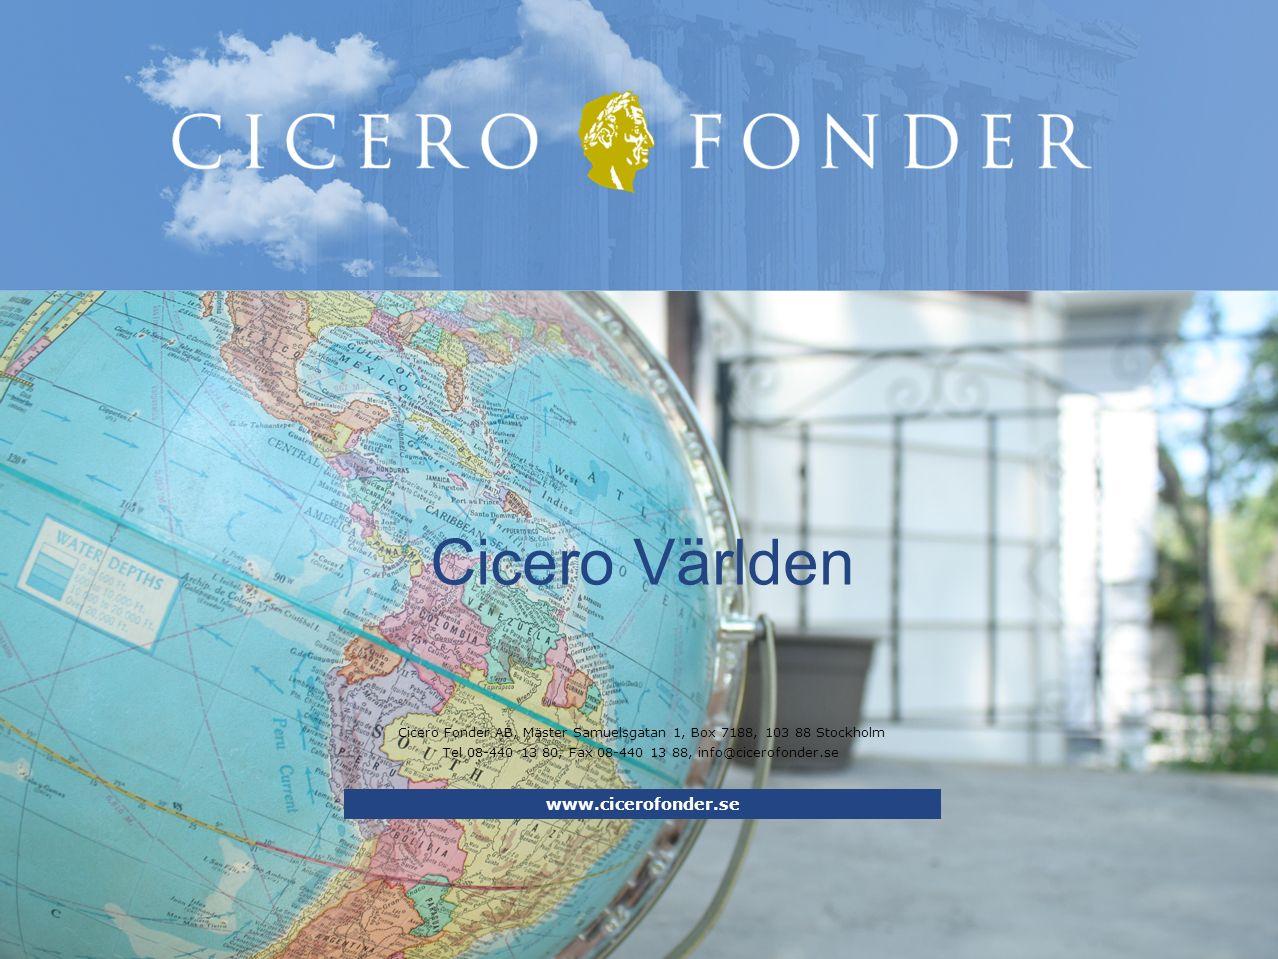 Cicero Fonder AB, Mäster Samuelsgatan 1, Box 7188, 103 88 Stockholm Tel 08-440 13 80, Fax 08-440 13 88, info@cicerofonder.se Cicero Världen www.cicerofonder.se